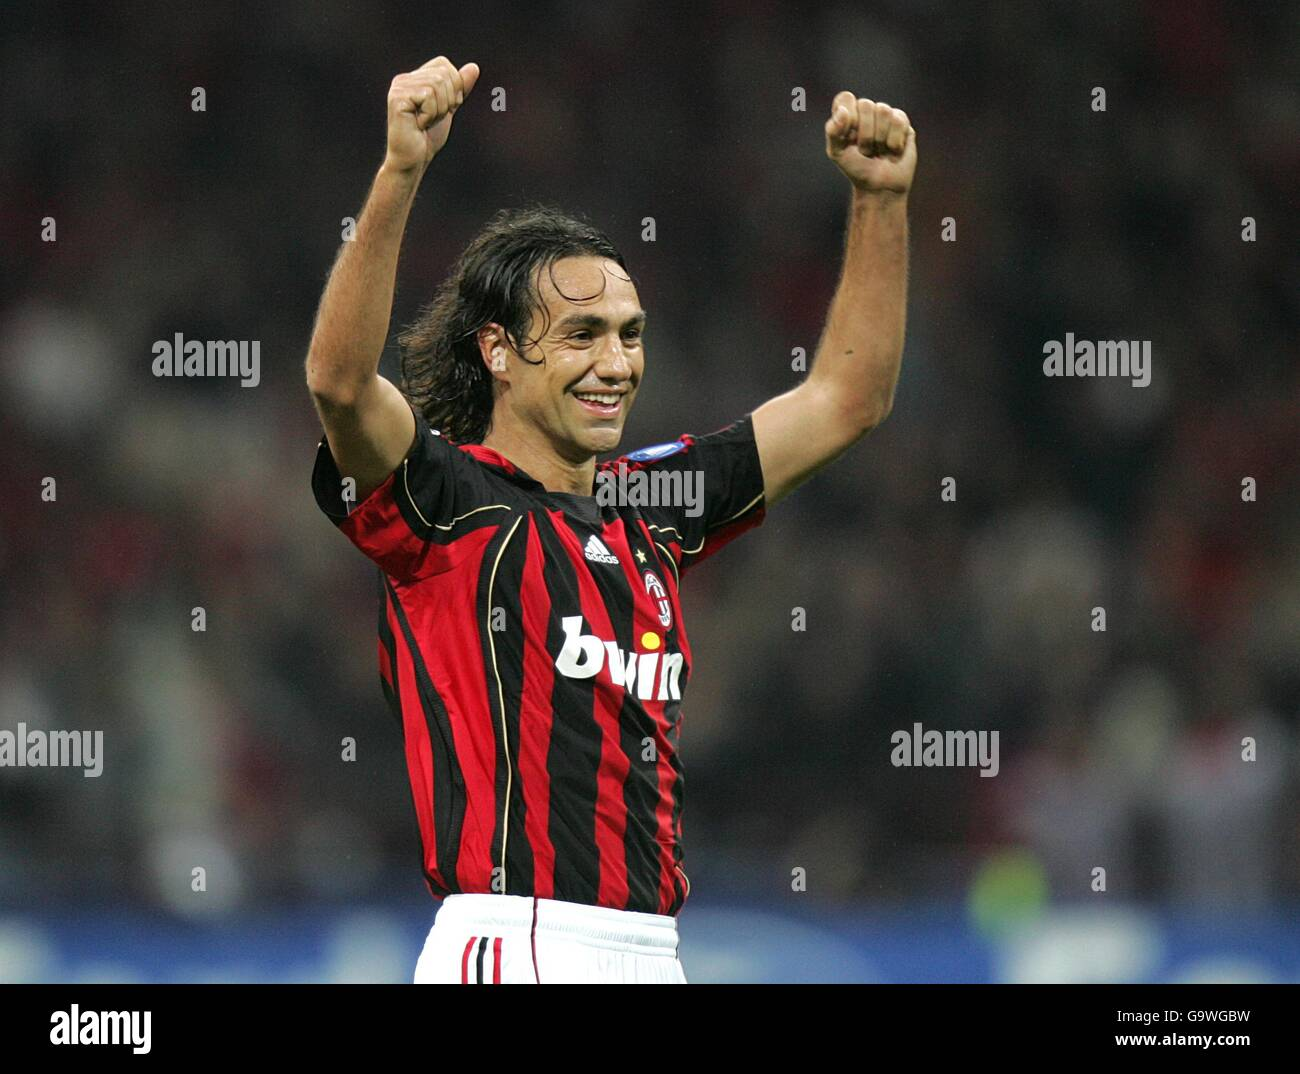 Alessandro Nesta Ac Milan Fotos e Imágenes de stock - Página 4 - Alamy